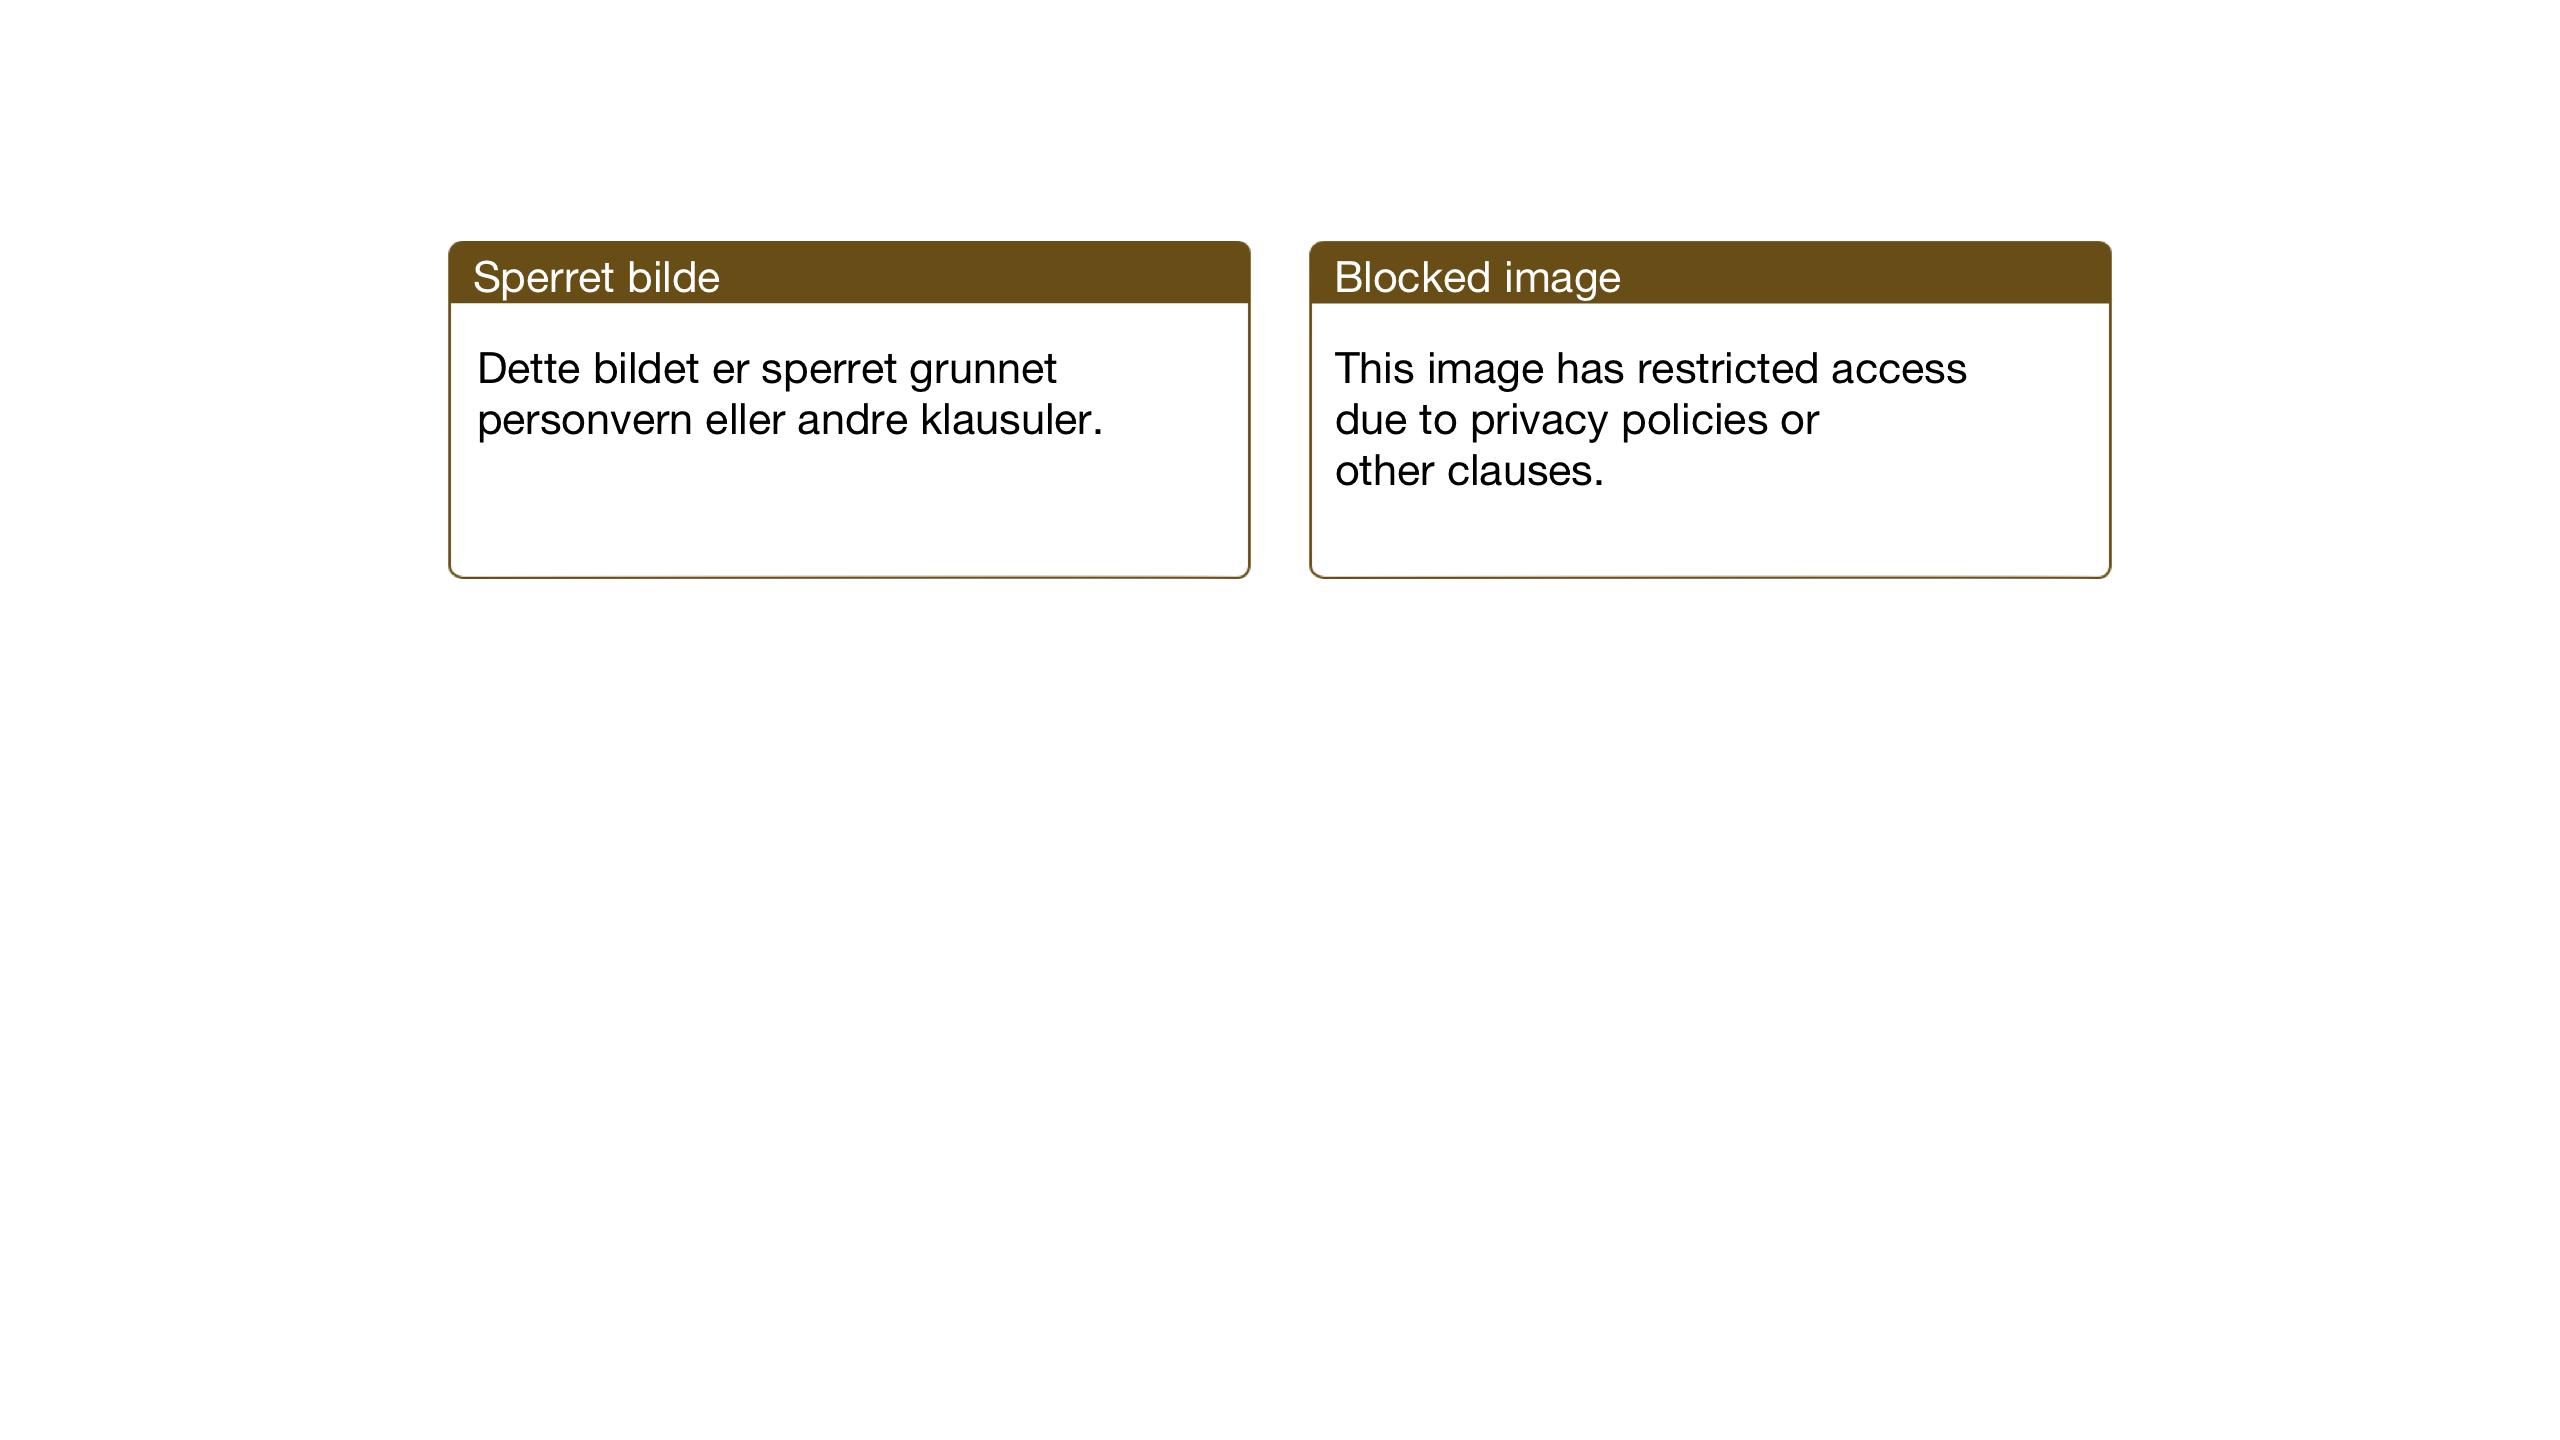 SAT, Ministerialprotokoller, klokkerbøker og fødselsregistre - Sør-Trøndelag, 698/L1169: Klokkerbok nr. 698C06, 1930-1949, s. 18